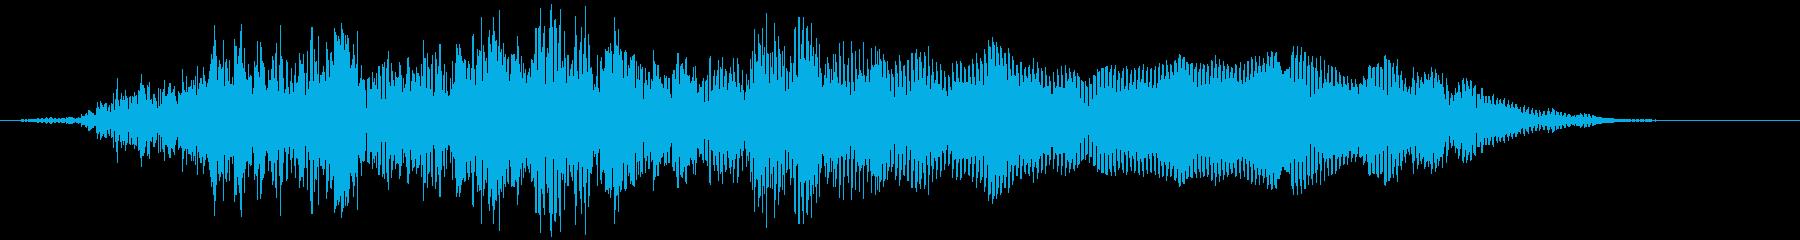 【ホラーゲーム】ゴロゴロッ・・・の再生済みの波形